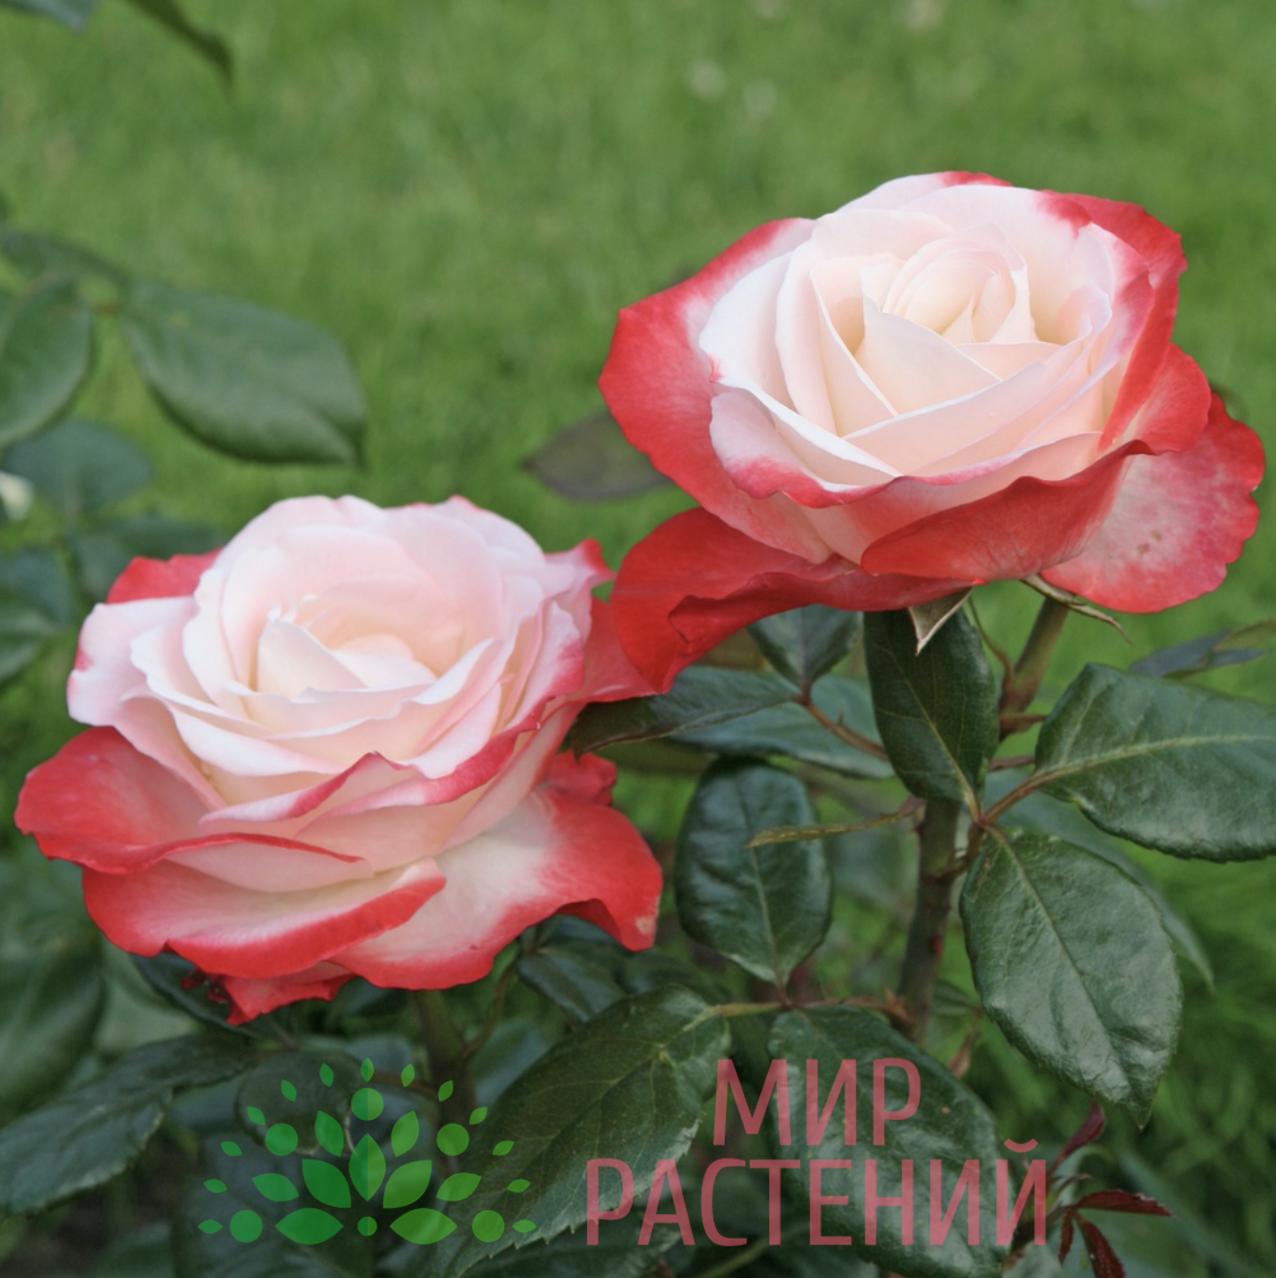 Роза «ностальжи»: характеристика и сортовые отличия